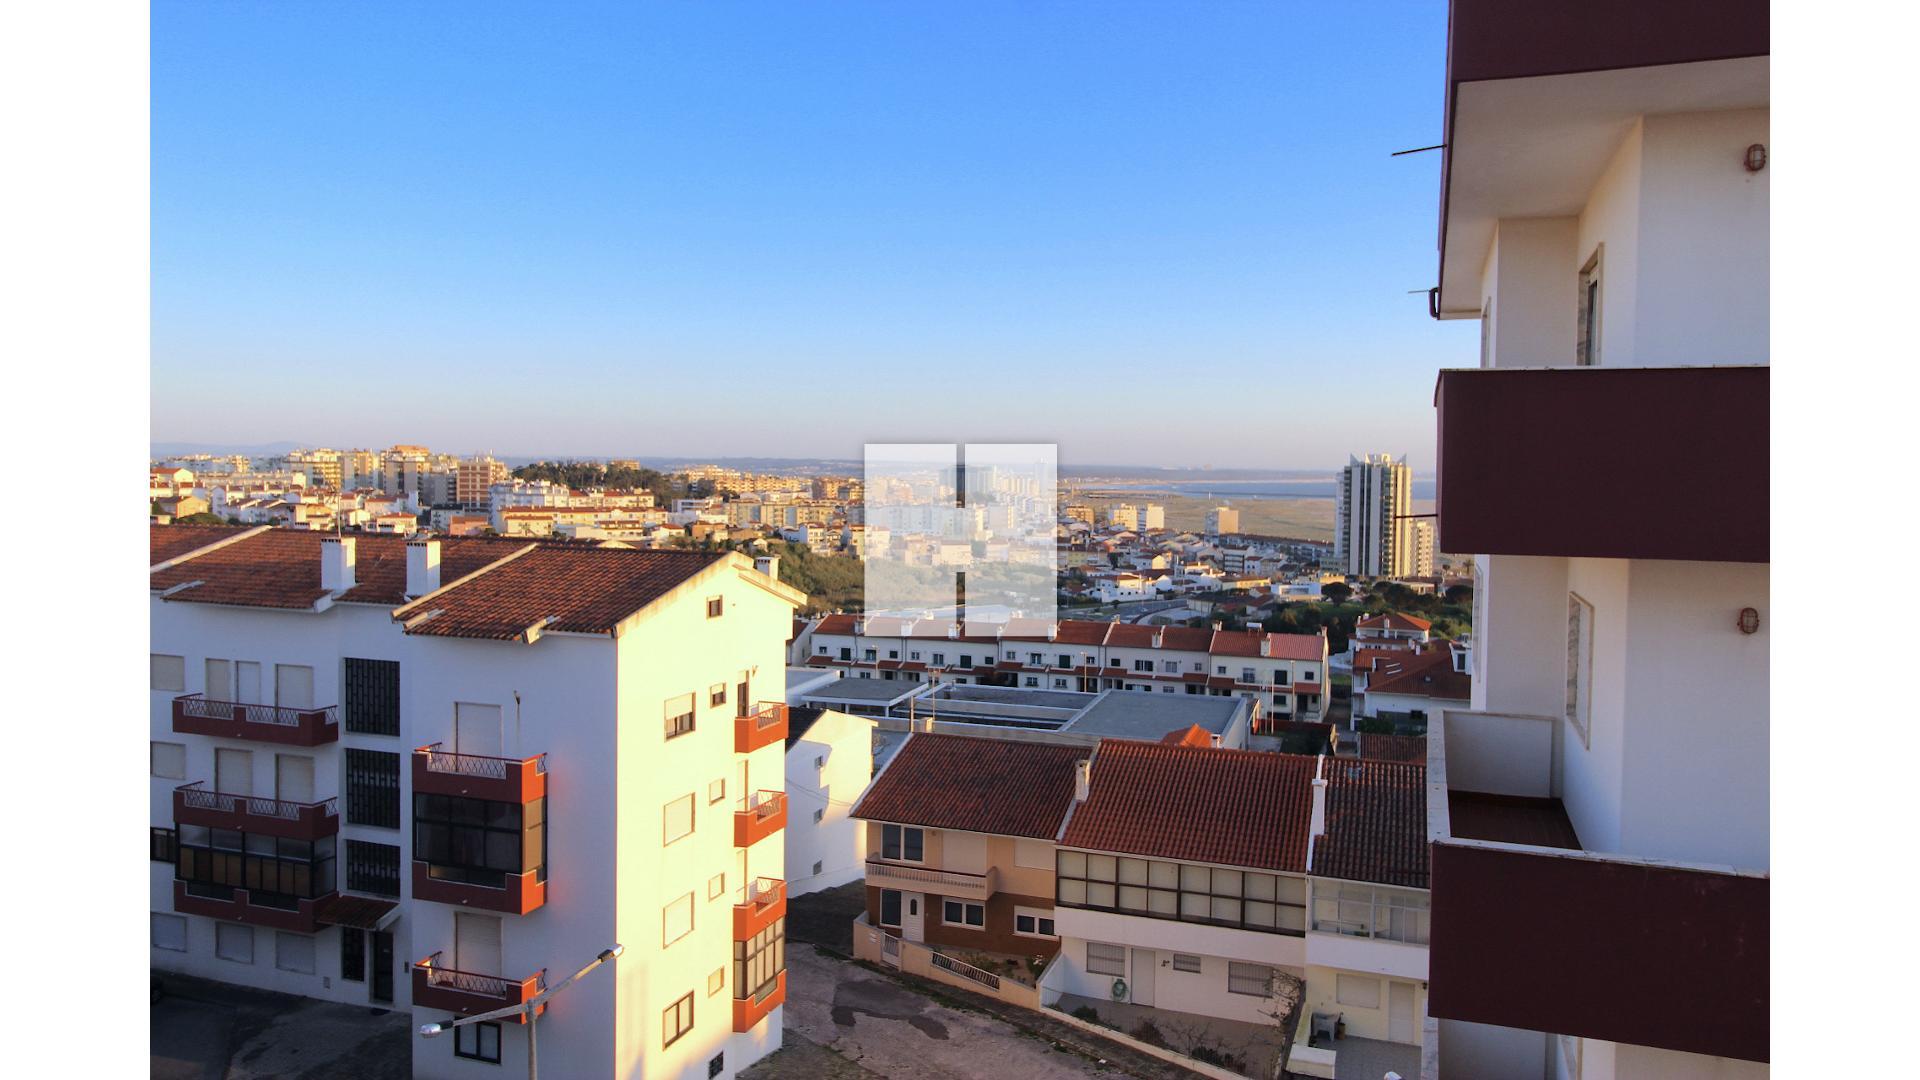 Apartamento T3 c/ Vistas de Mar figueira da foz, Buarcos e Sao Juliao